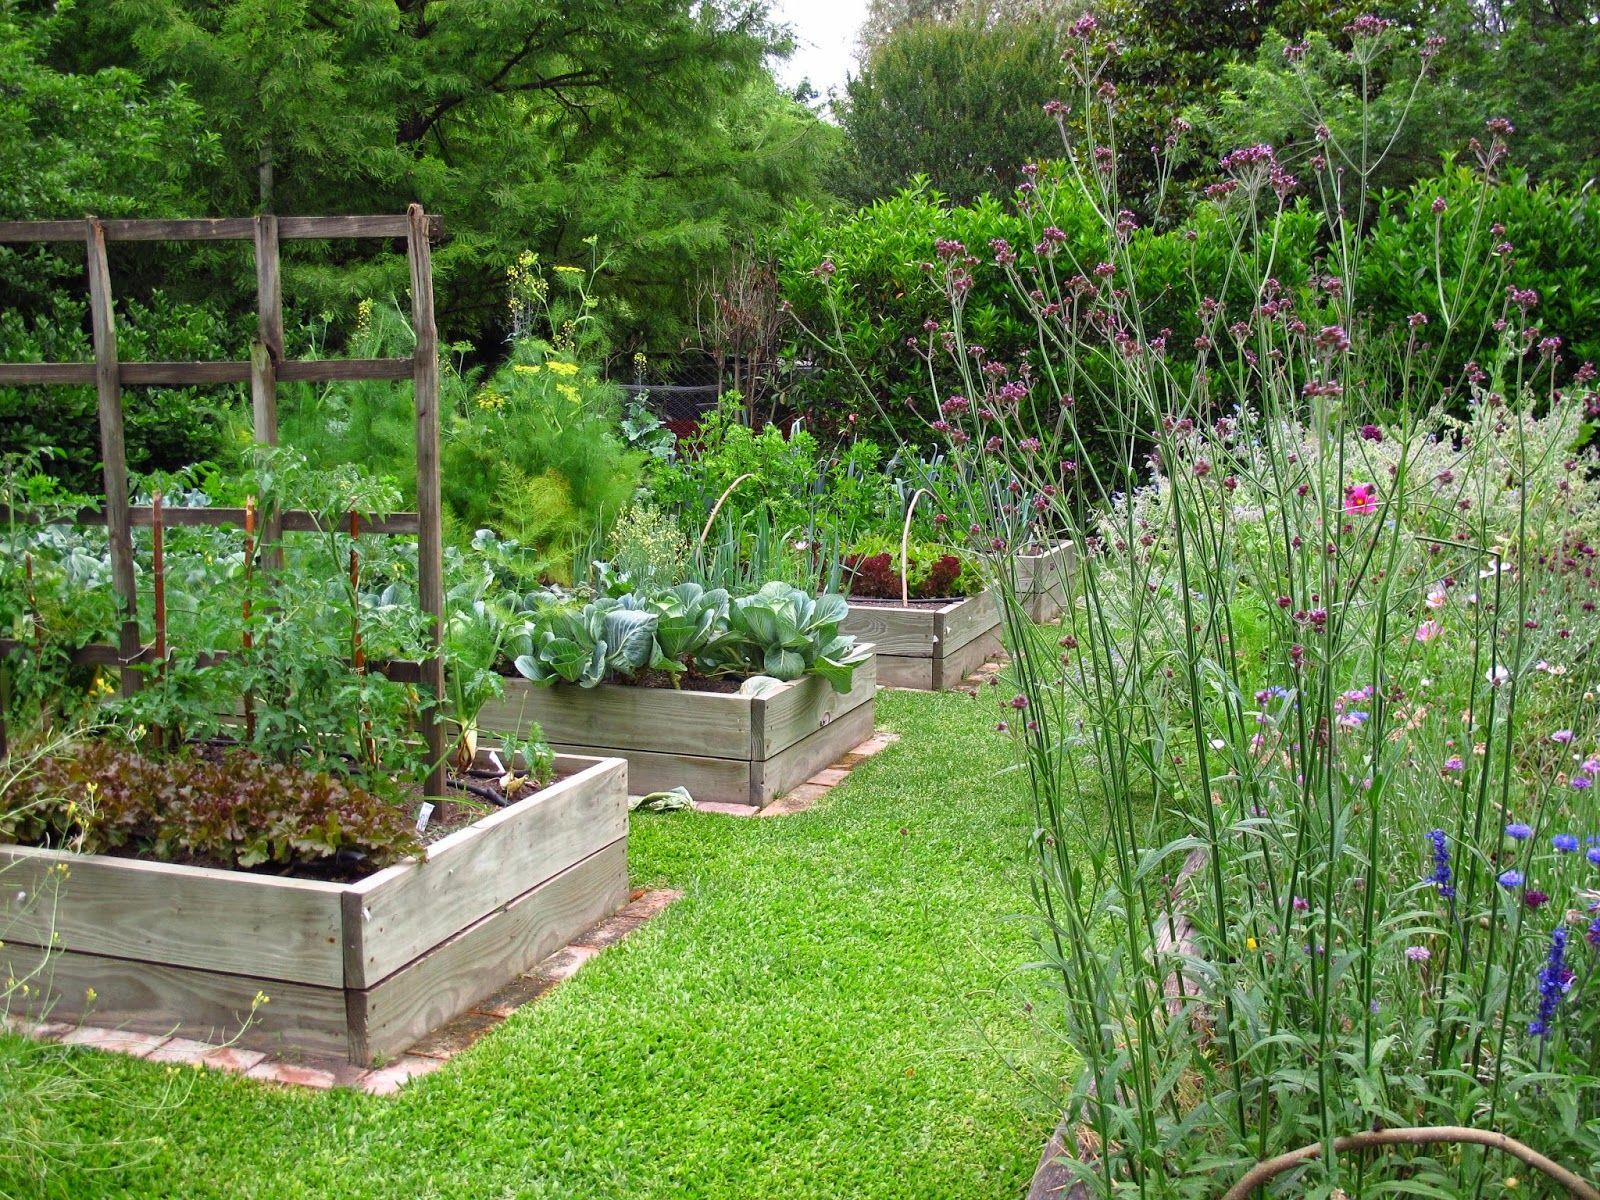 Huerta elevada en cajones de madera de pino jardin huerta huerto y jardiner a - Pequeno huerto en casa ...